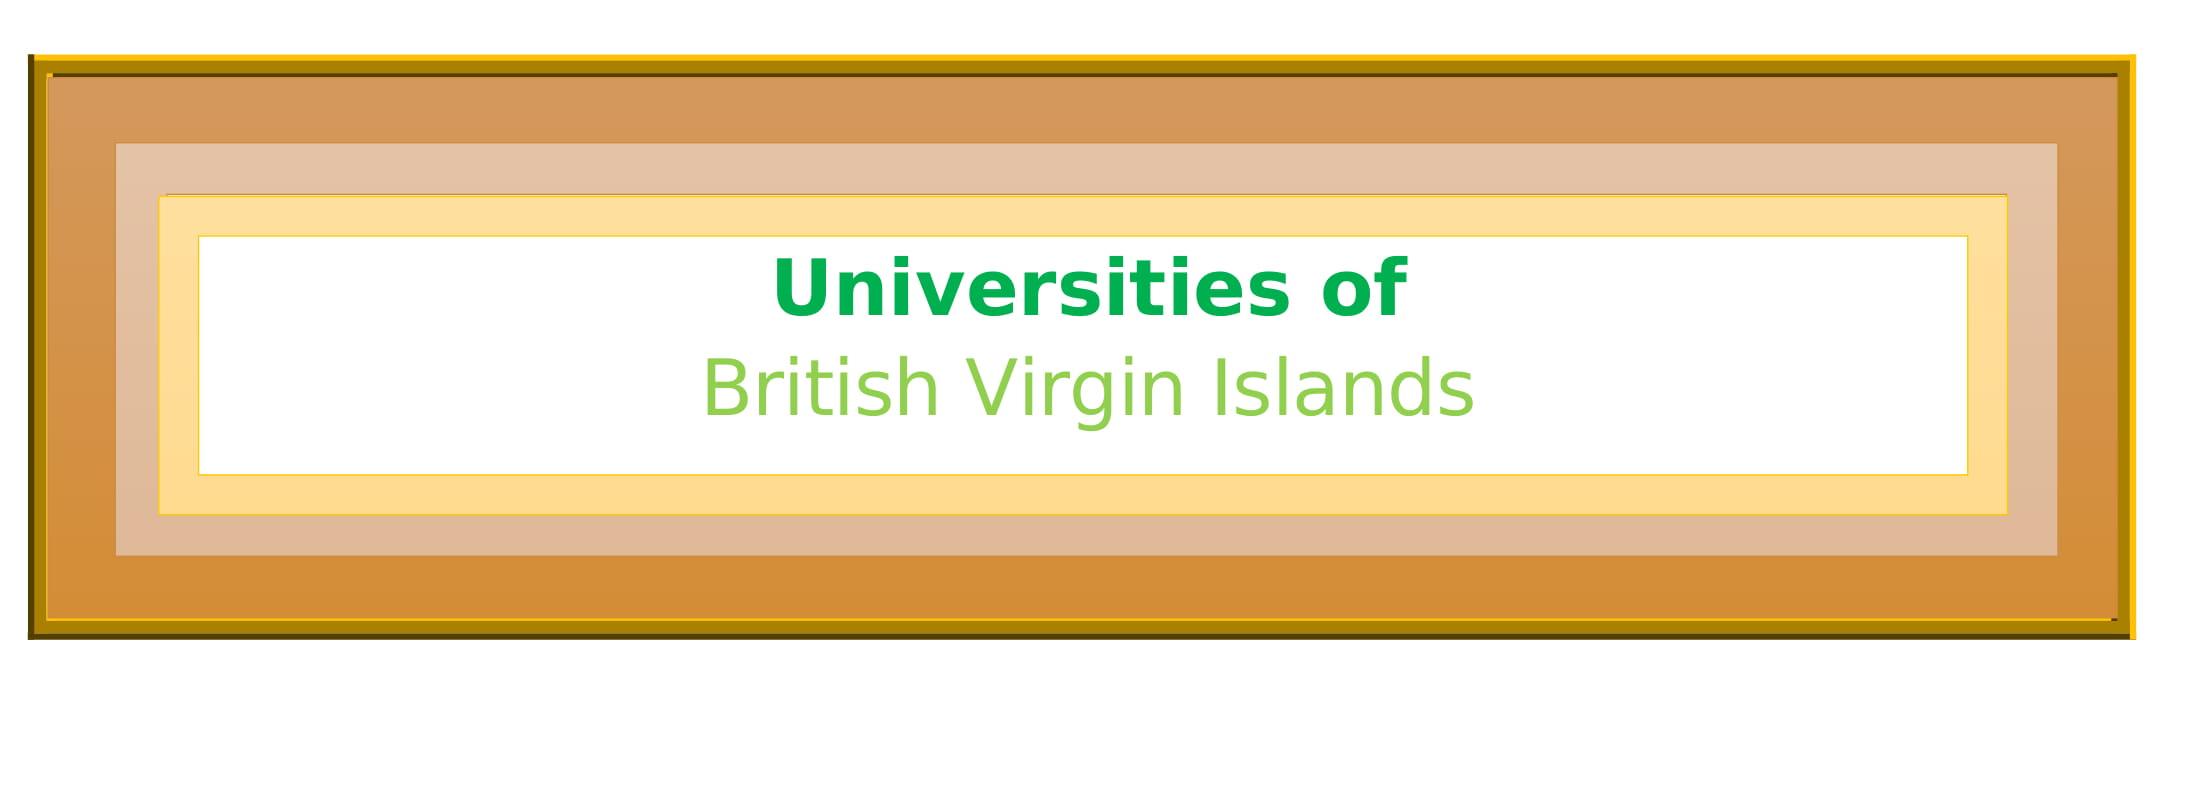 List of Universities in British Virgin Islands